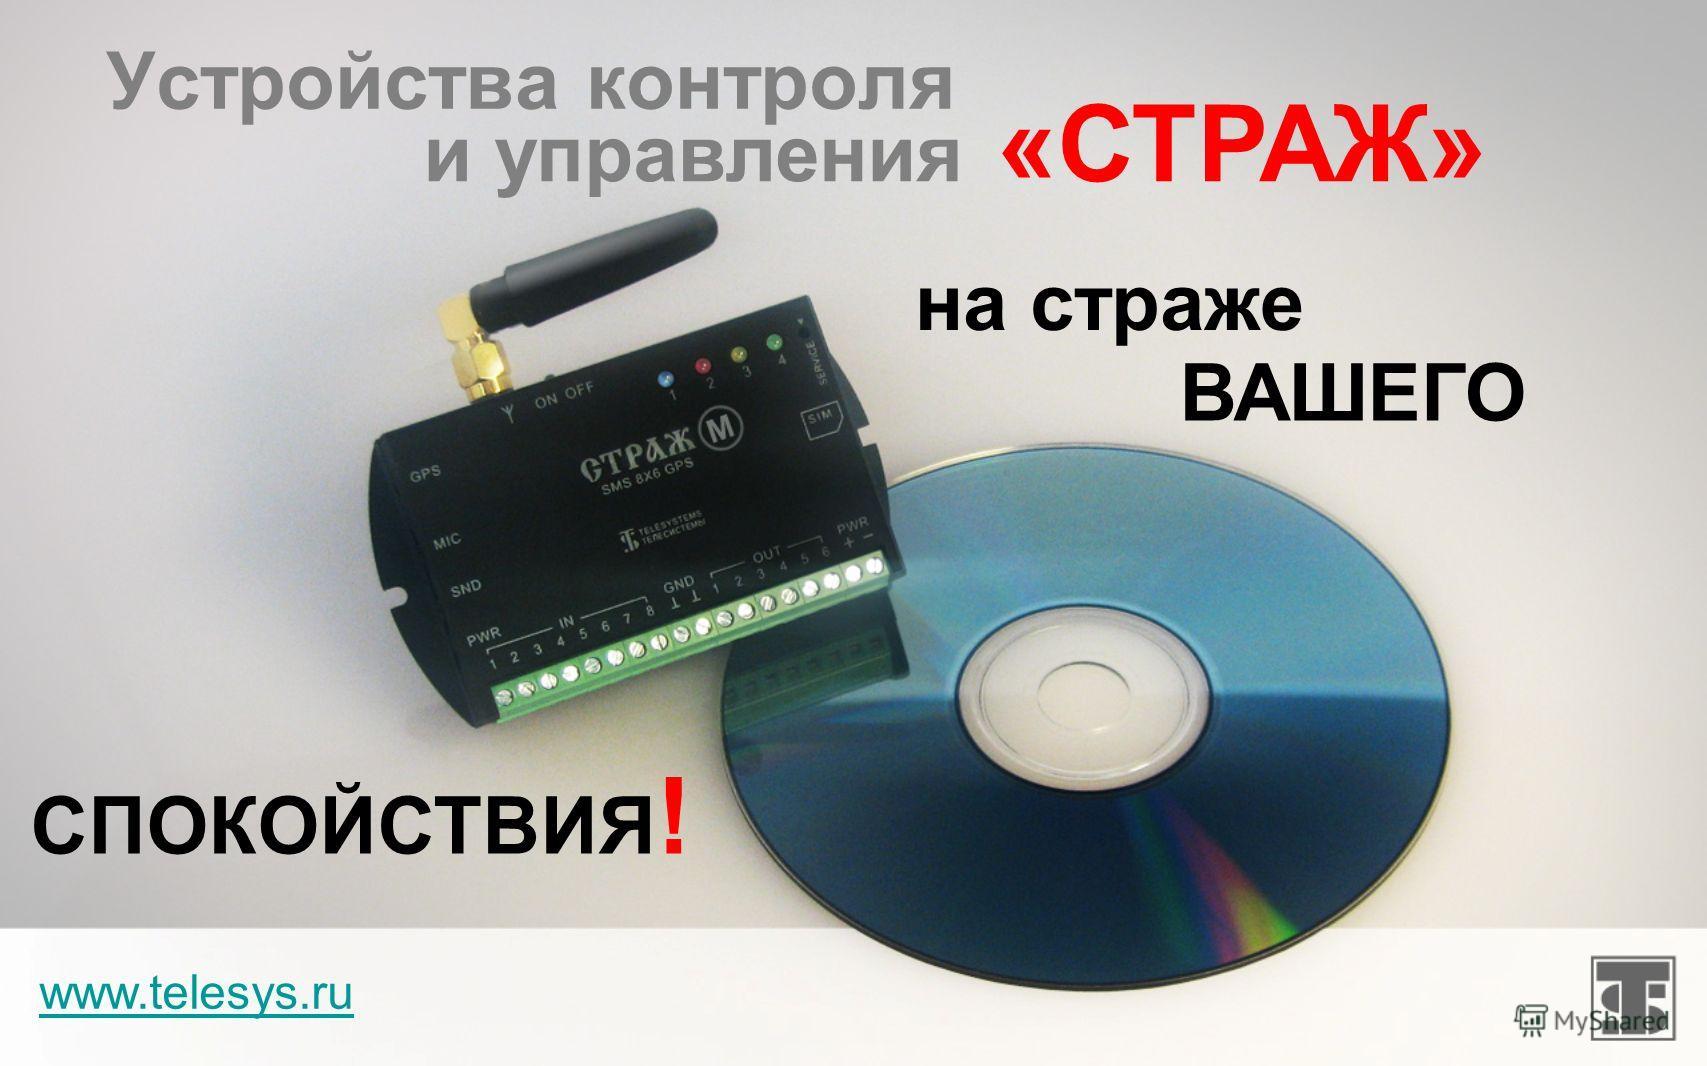 Не забудьте защитить www.telesys.ru свою собственность! злоумышленник не дремлет.....................................